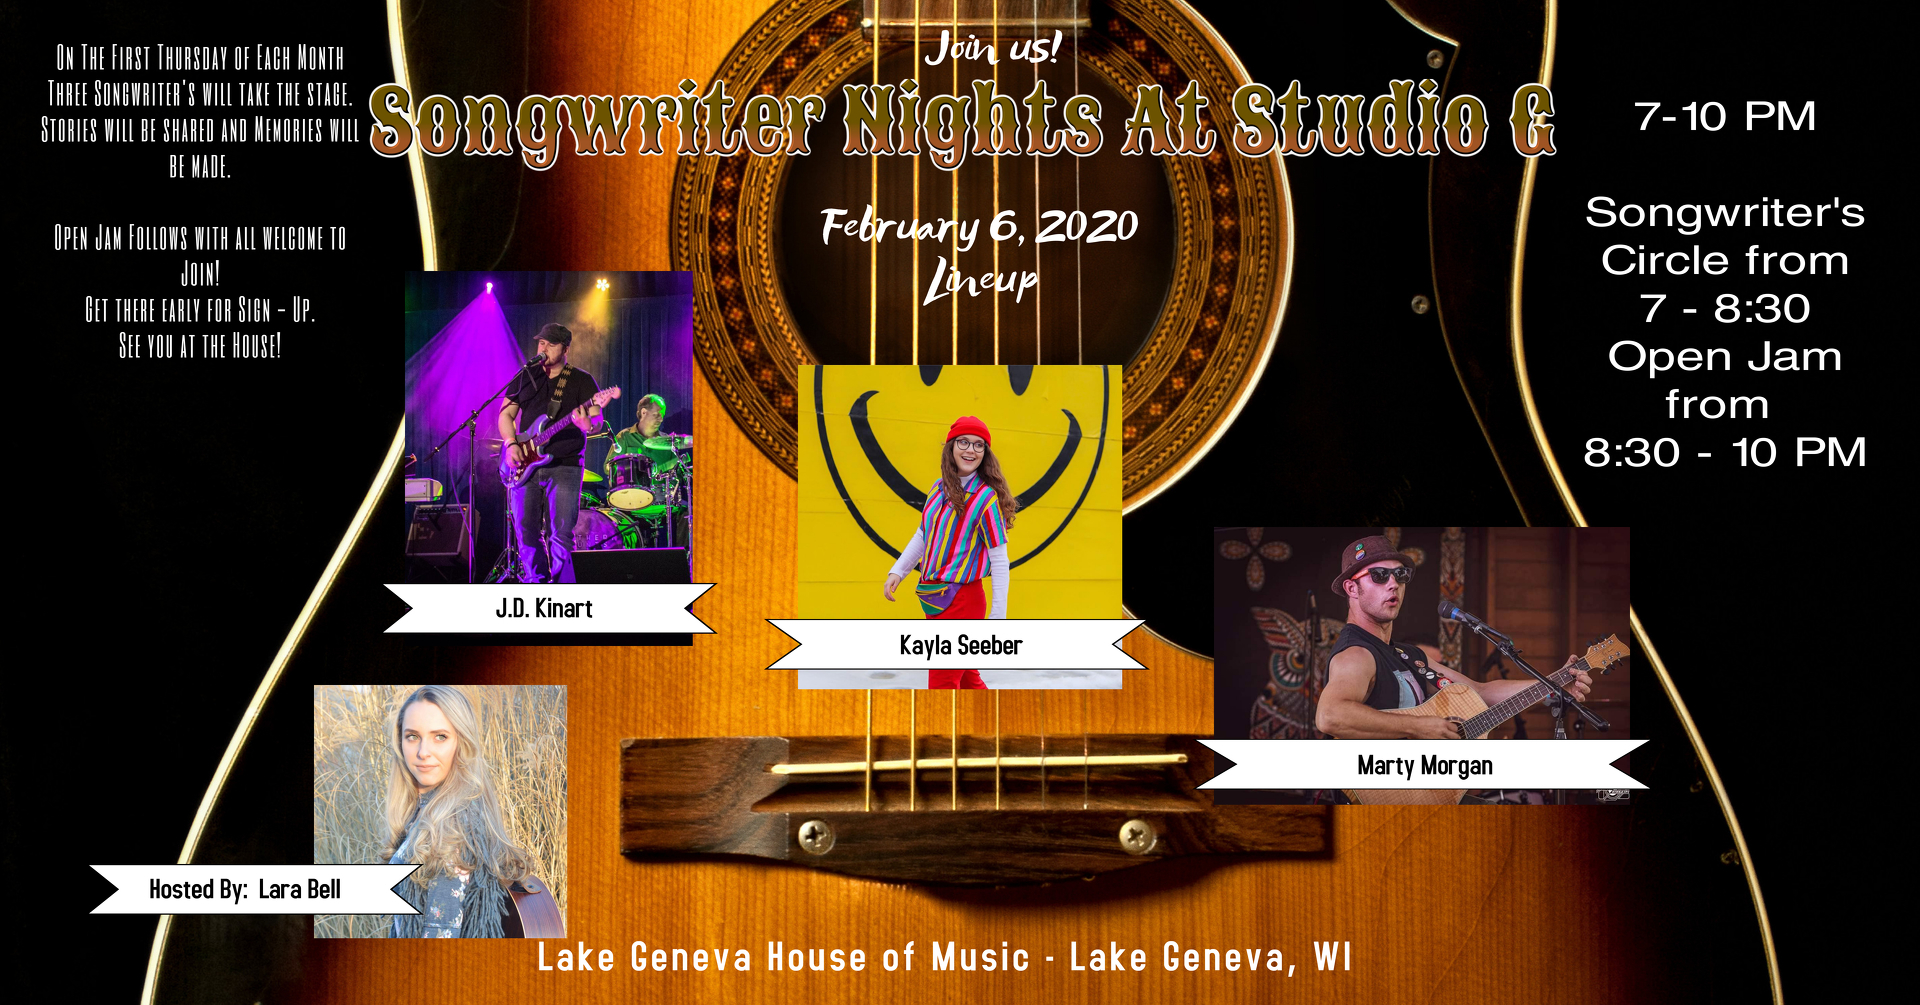 February 2020 Songwriter Night at Studio